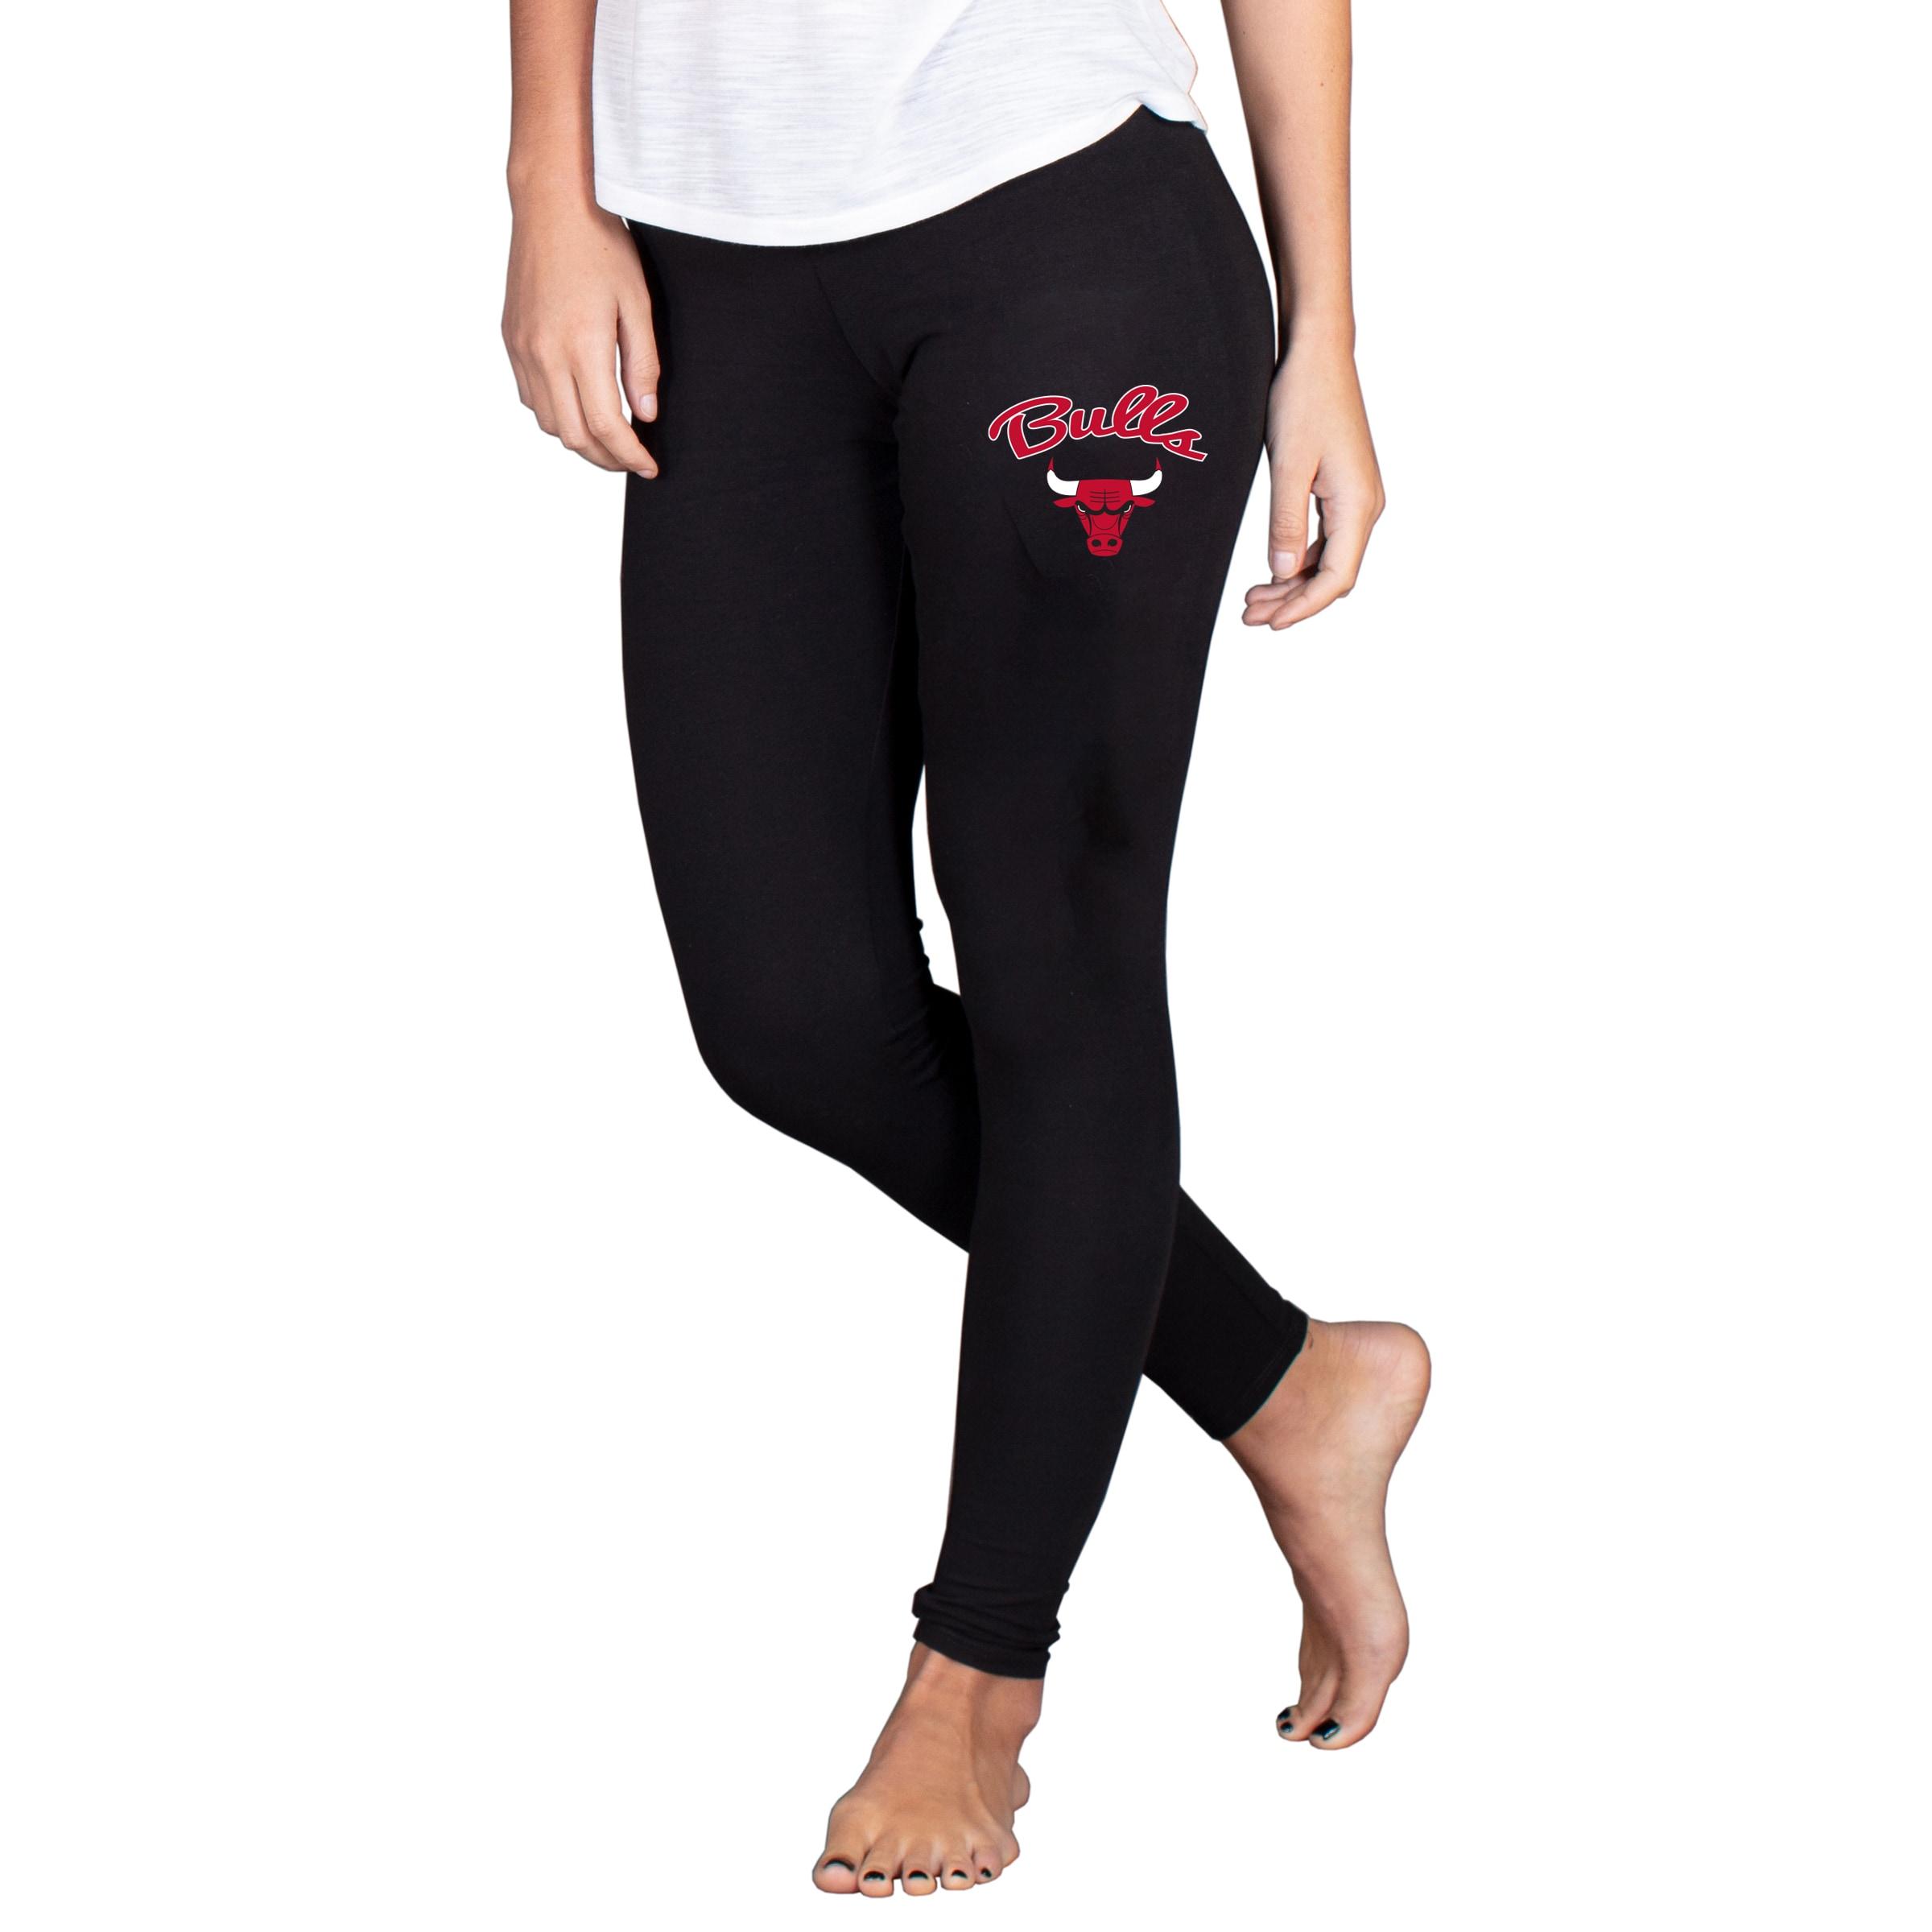 Chicago Bulls Concepts Sport Women's Fraction Leggings - Black